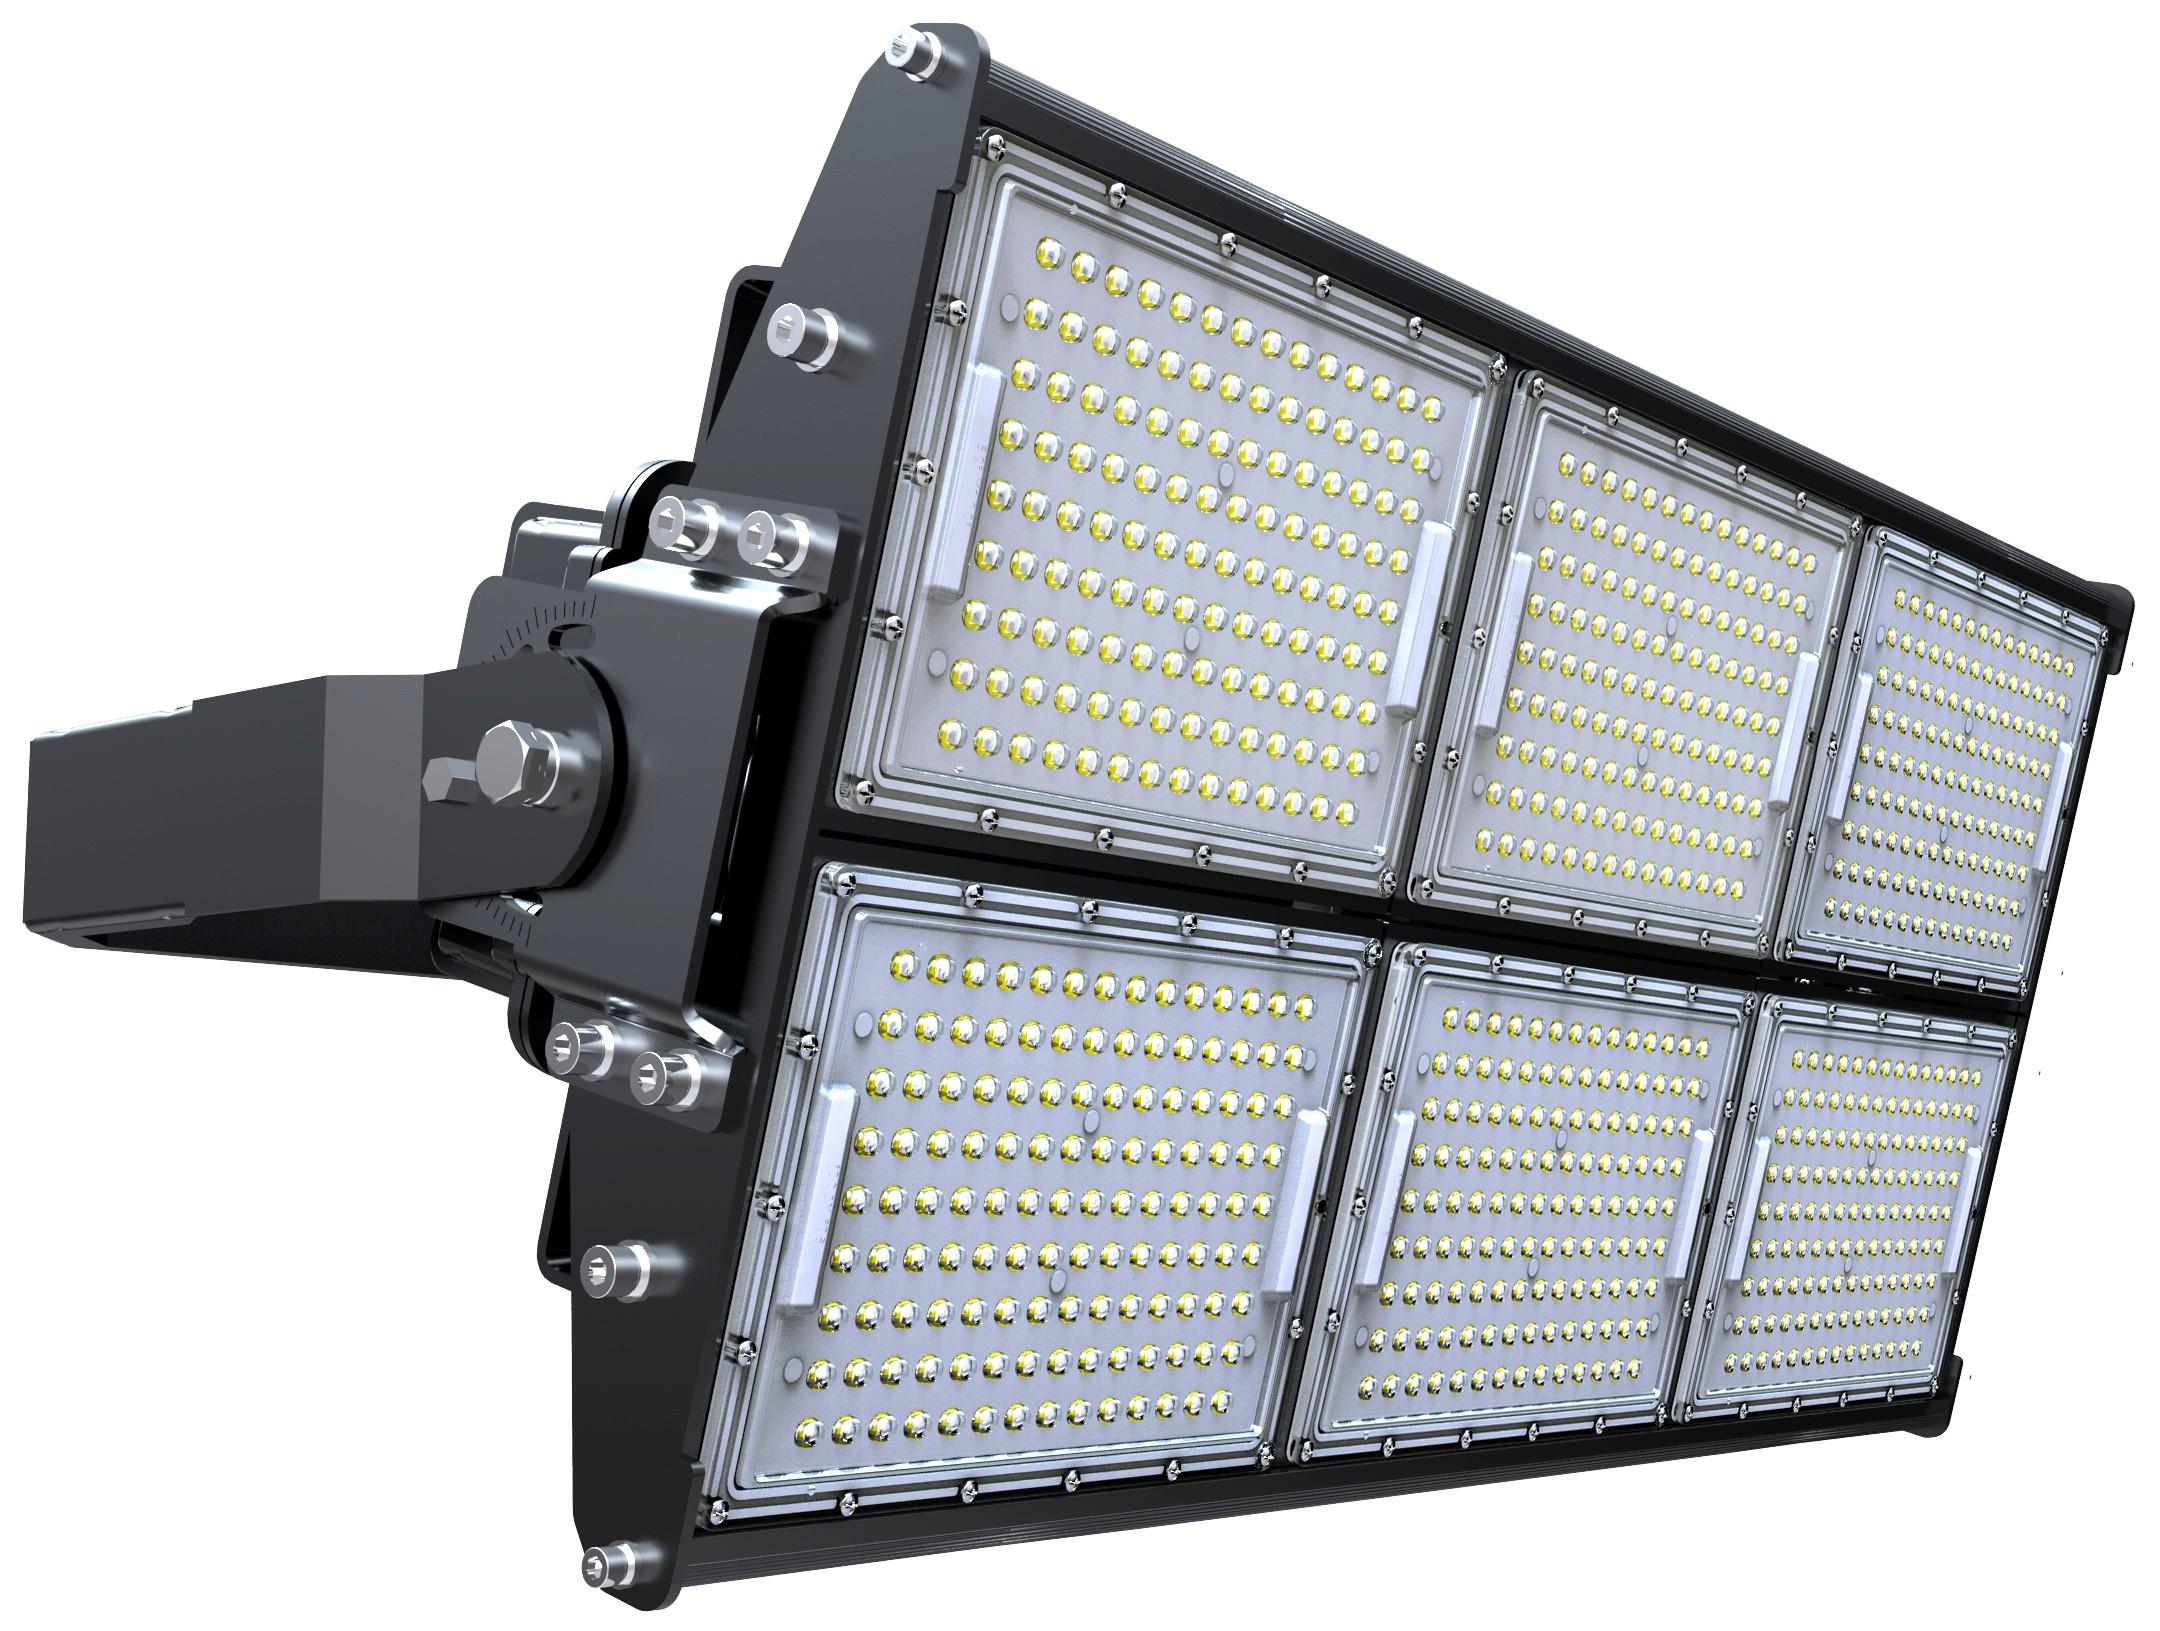 LED STADIUM FLOOD LIGHT - 720W - 93,600 LUMENS - 5700K